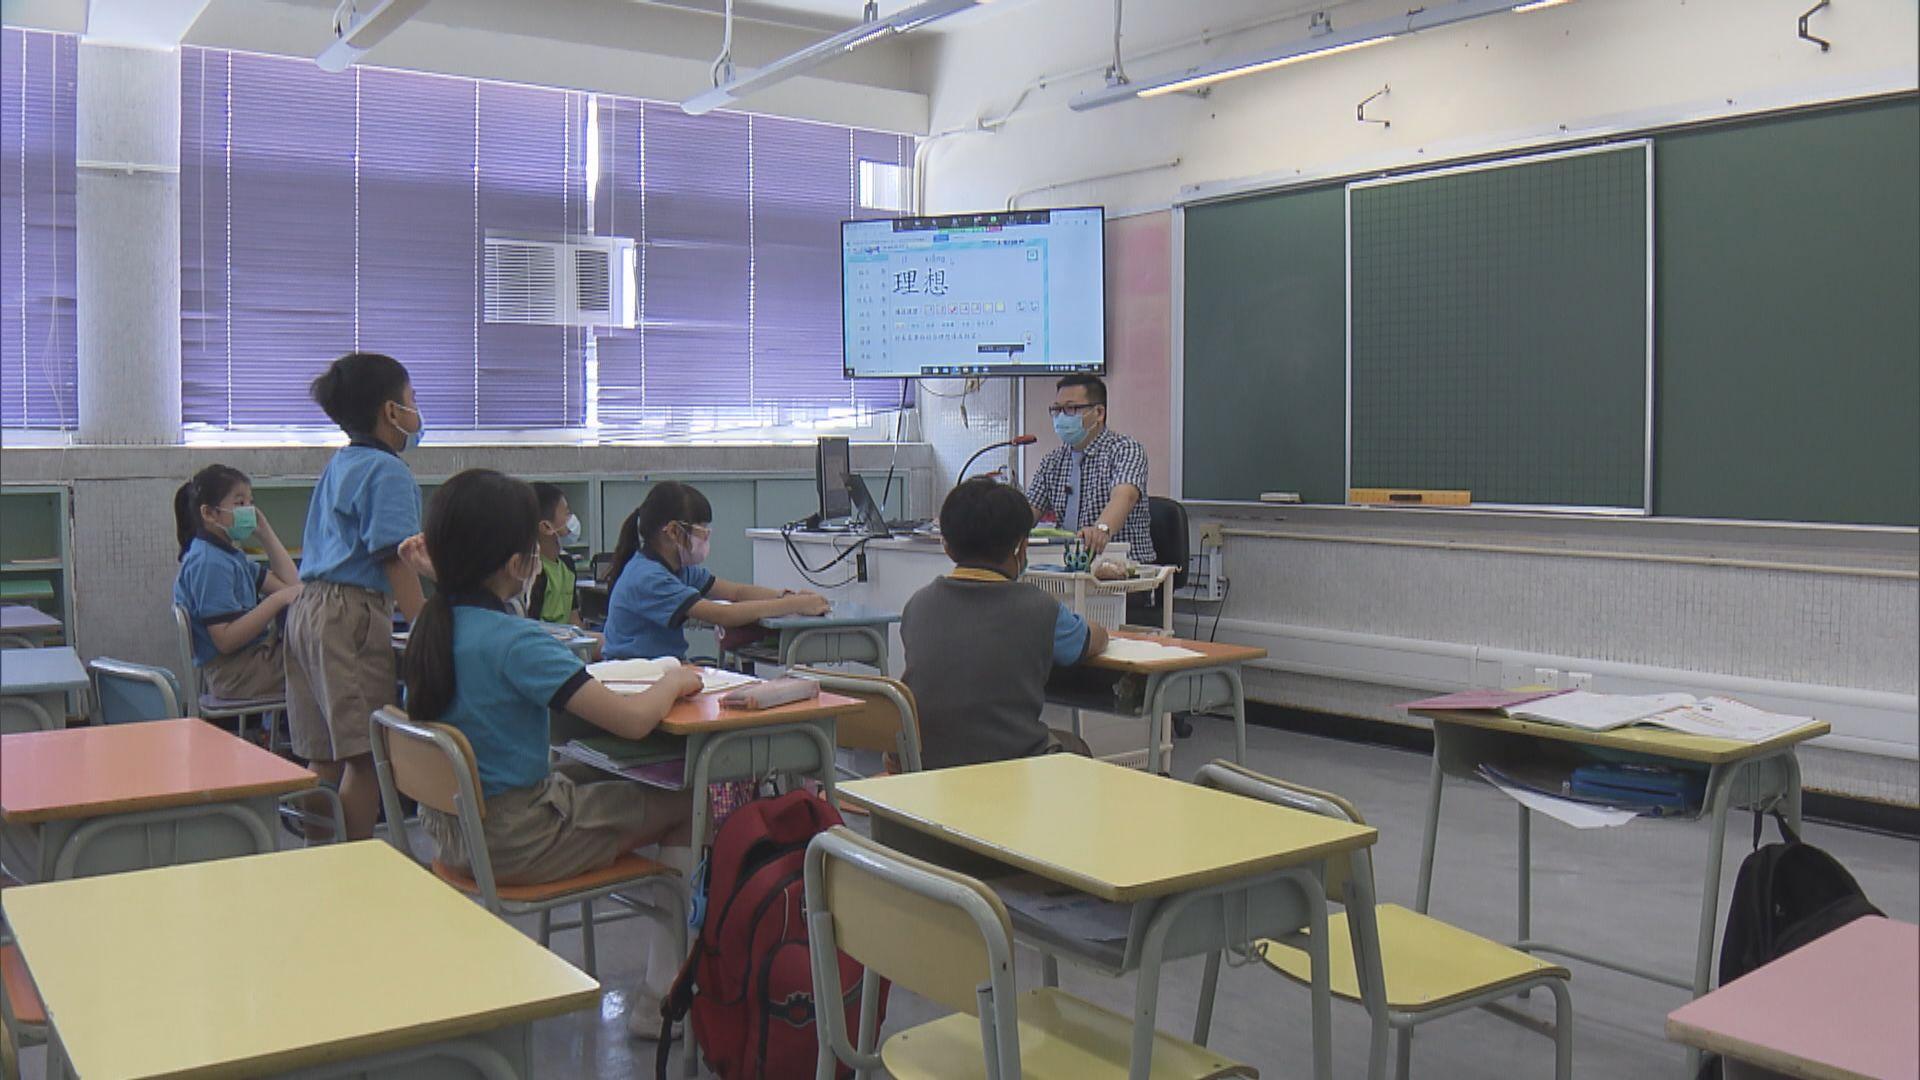 新學年點人數 有小學流失跨境生縮班 教局月底修訂